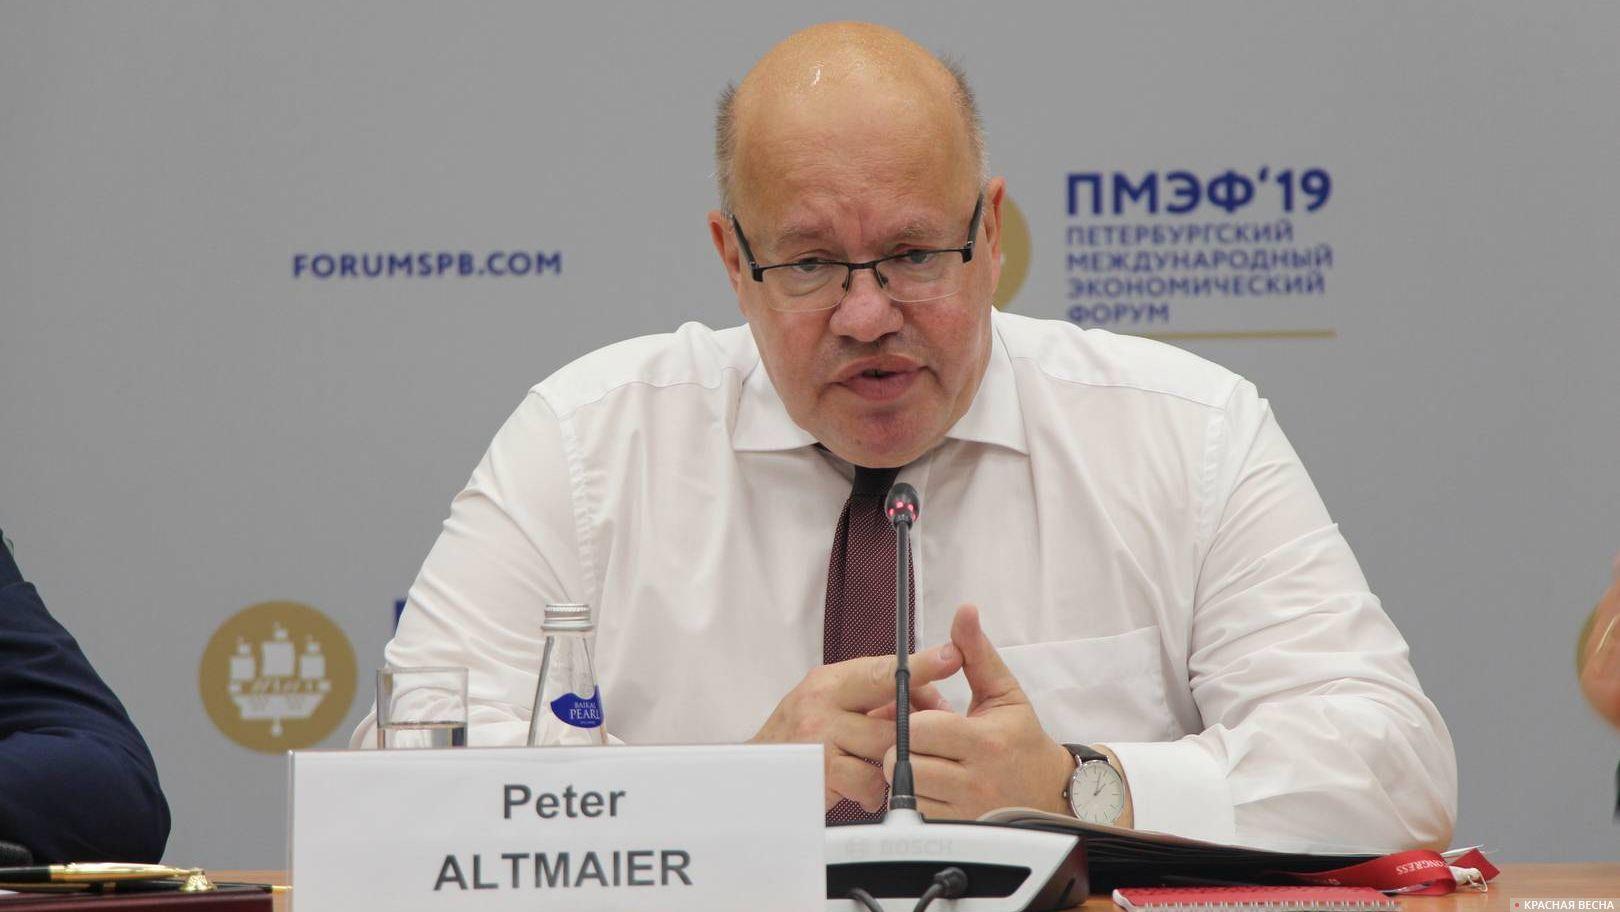 Федеральный Министр экономики и энергетики Федеративной Республики Германия Петер Альтмайер